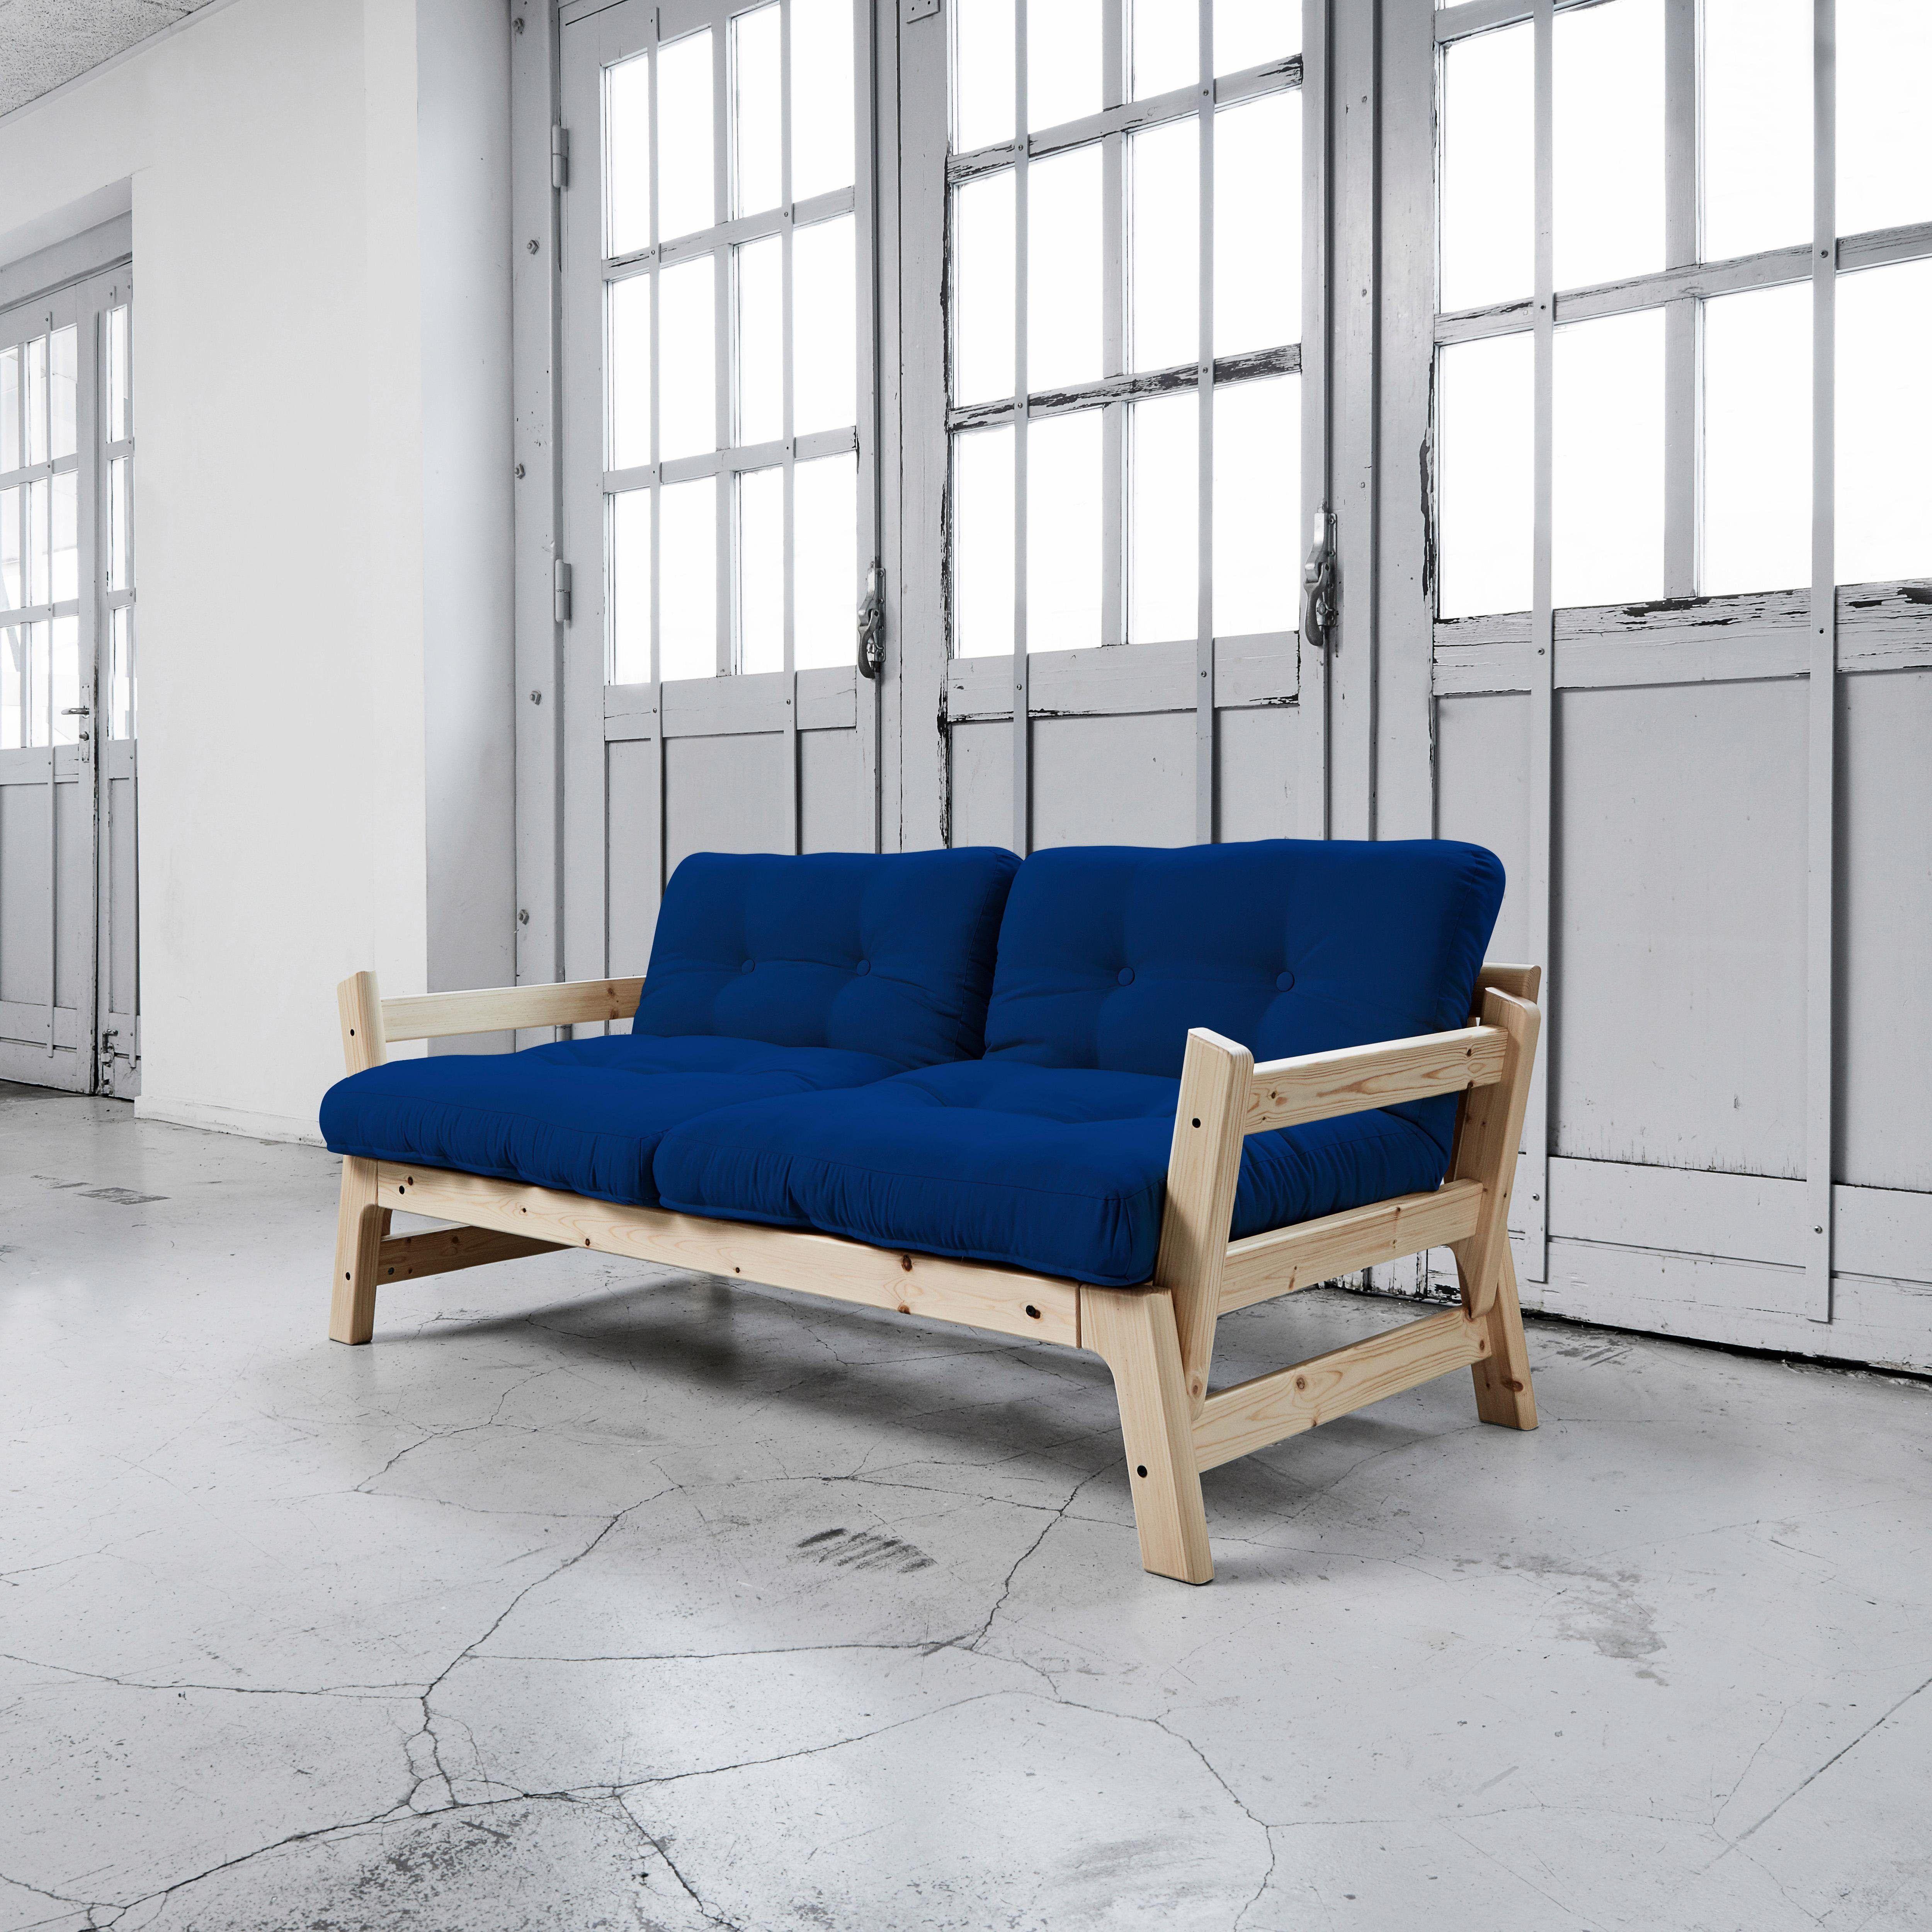 Atemberaubend Raumideen Wohnzimmer Ideen - Innenarchitektur ...